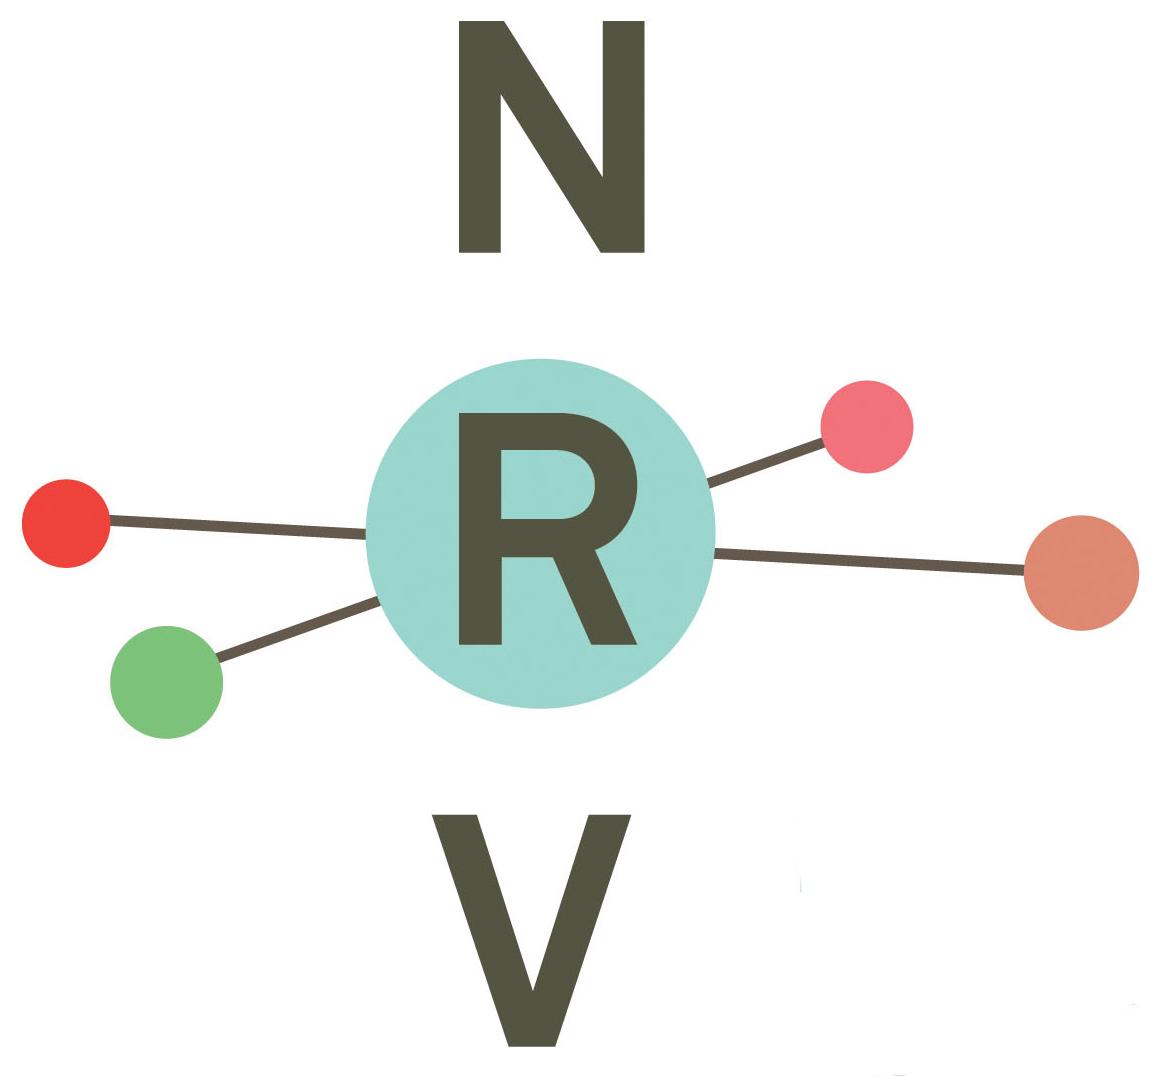 Netwerk rechtvaardigheid en vrede (NRV)